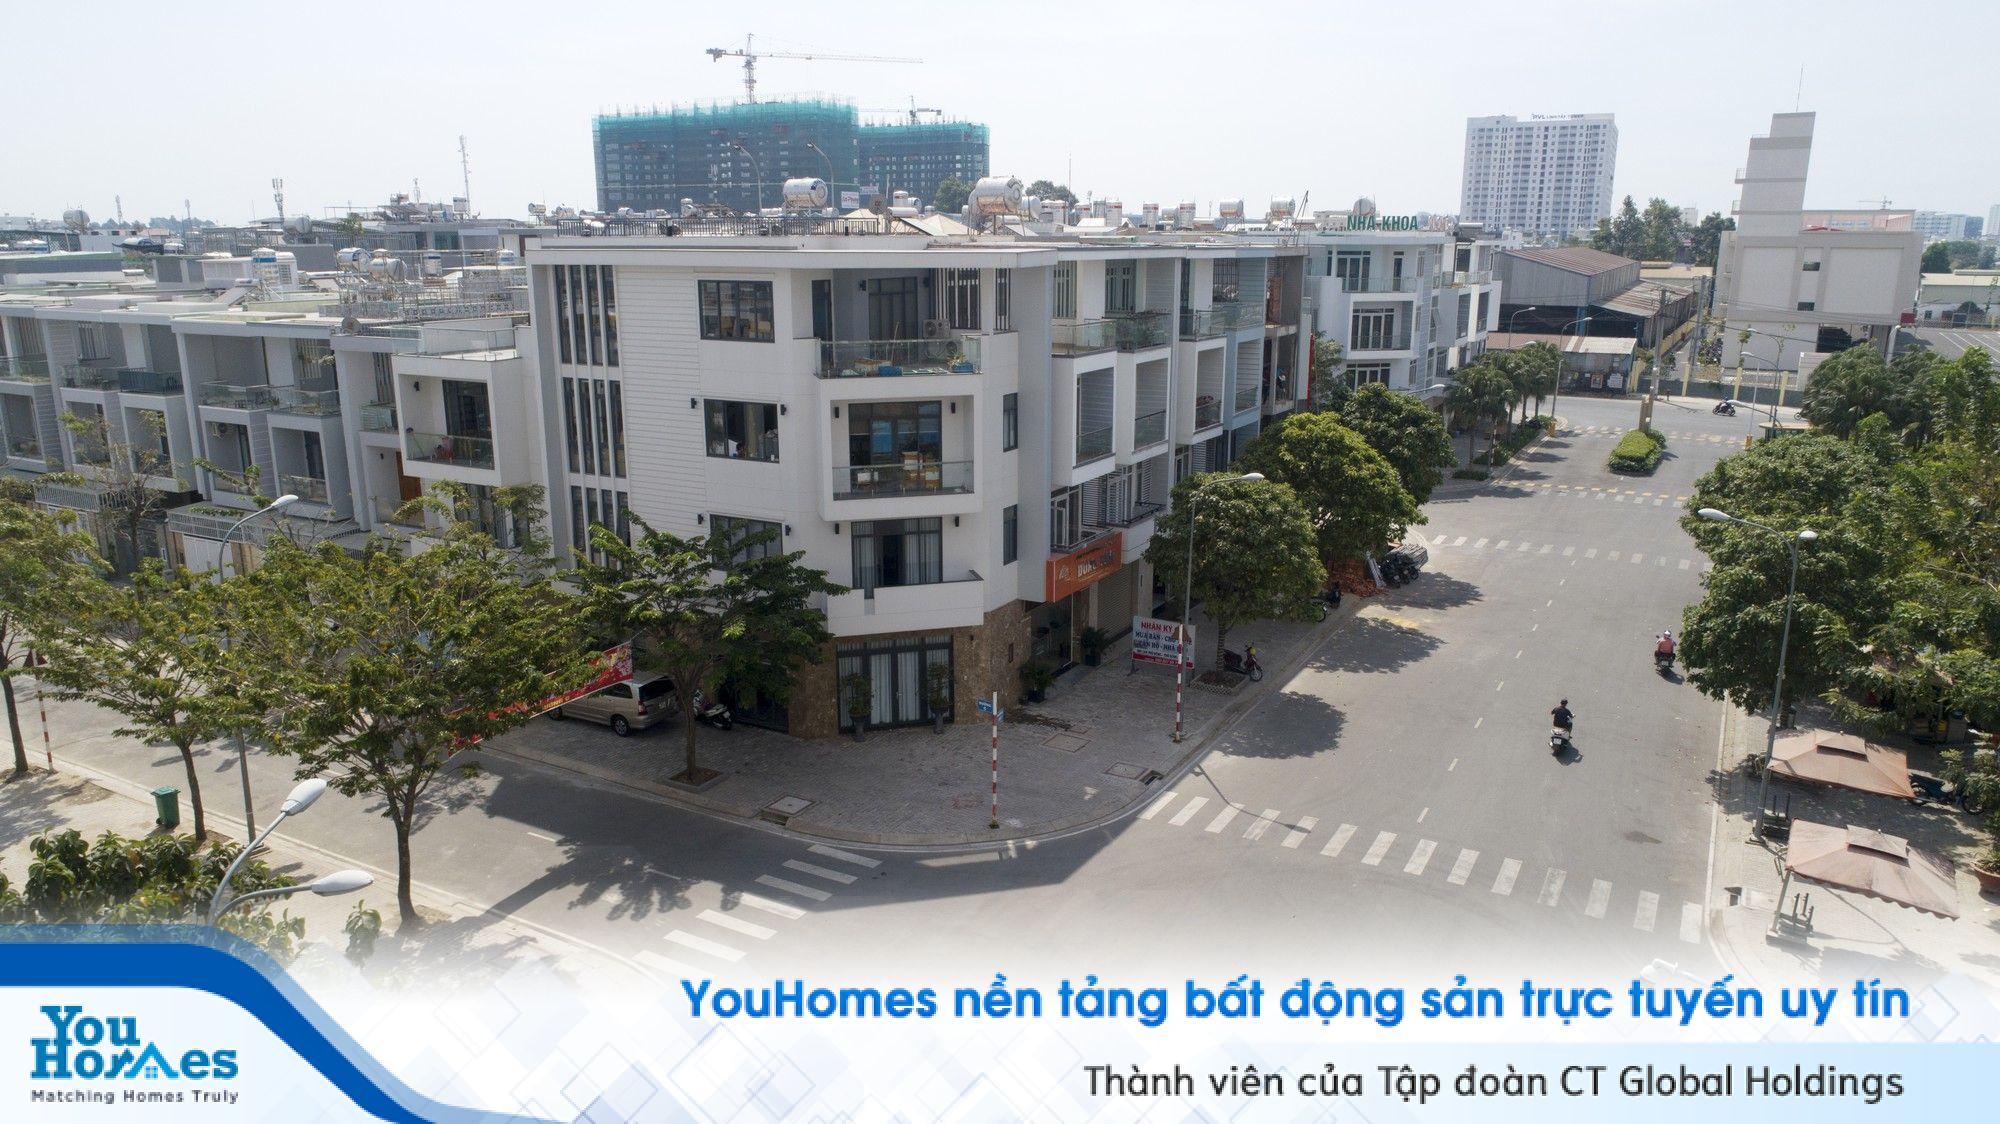 DKRA Việt Nam: Nhà đất TP HCM 'ế' khách do ảnh hưởng của vụ Alibaba